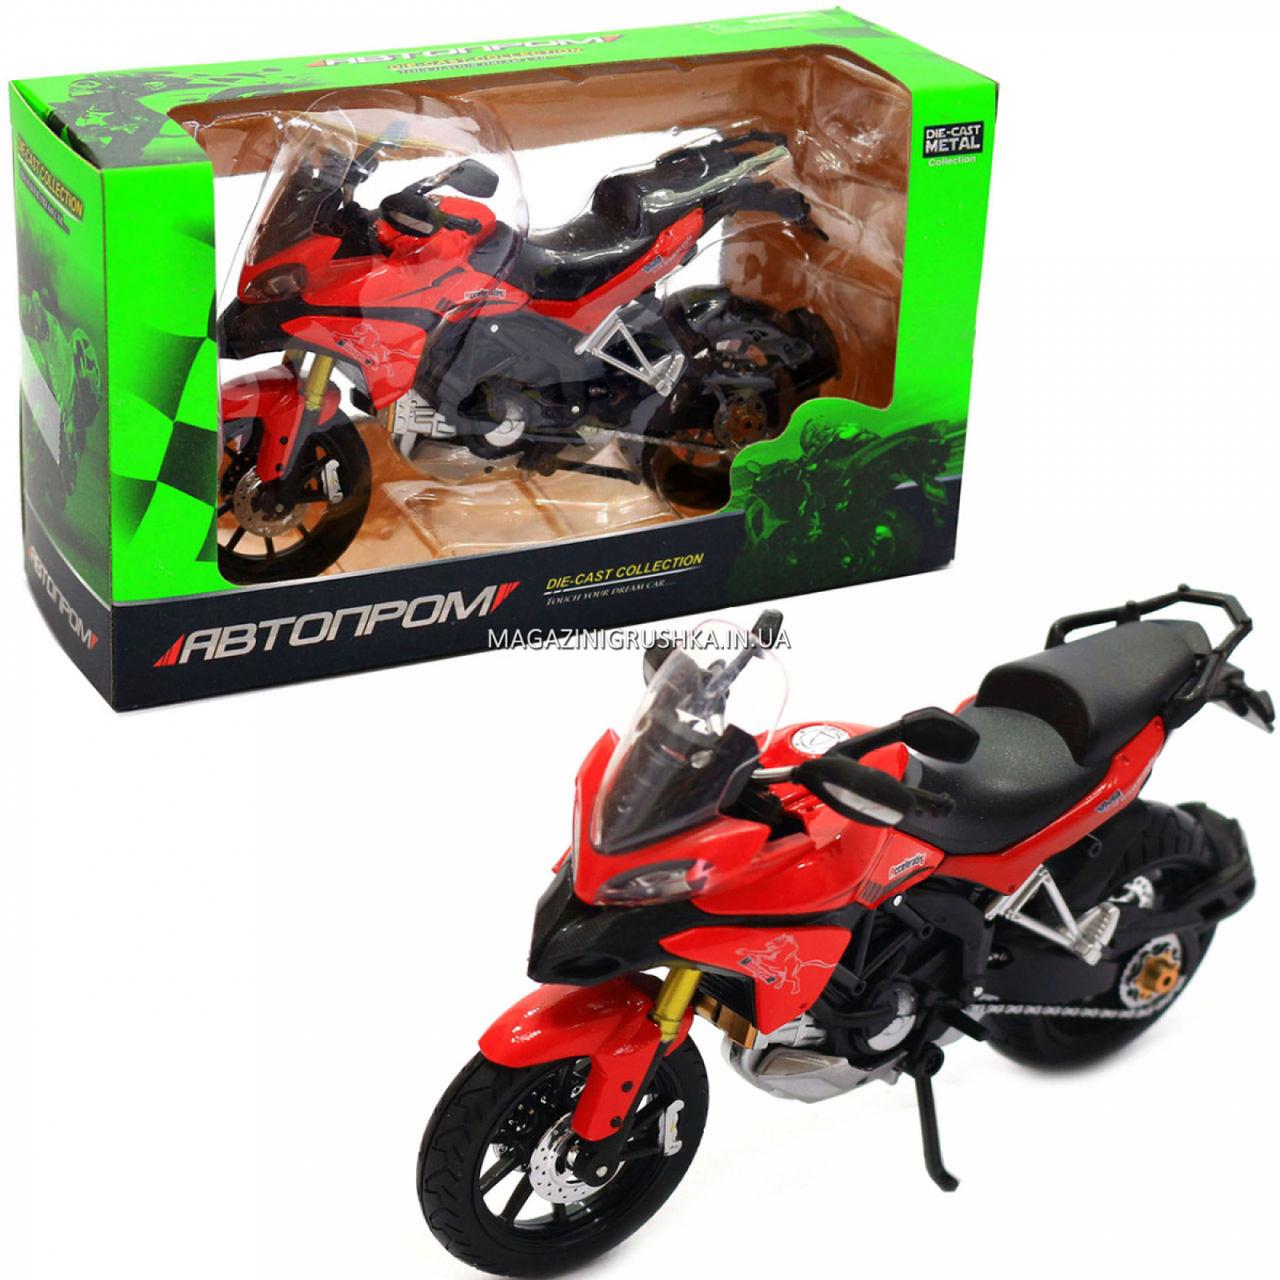 Мотоцикл Автопром HX-795, червоний, 16х5х10 см (7748)